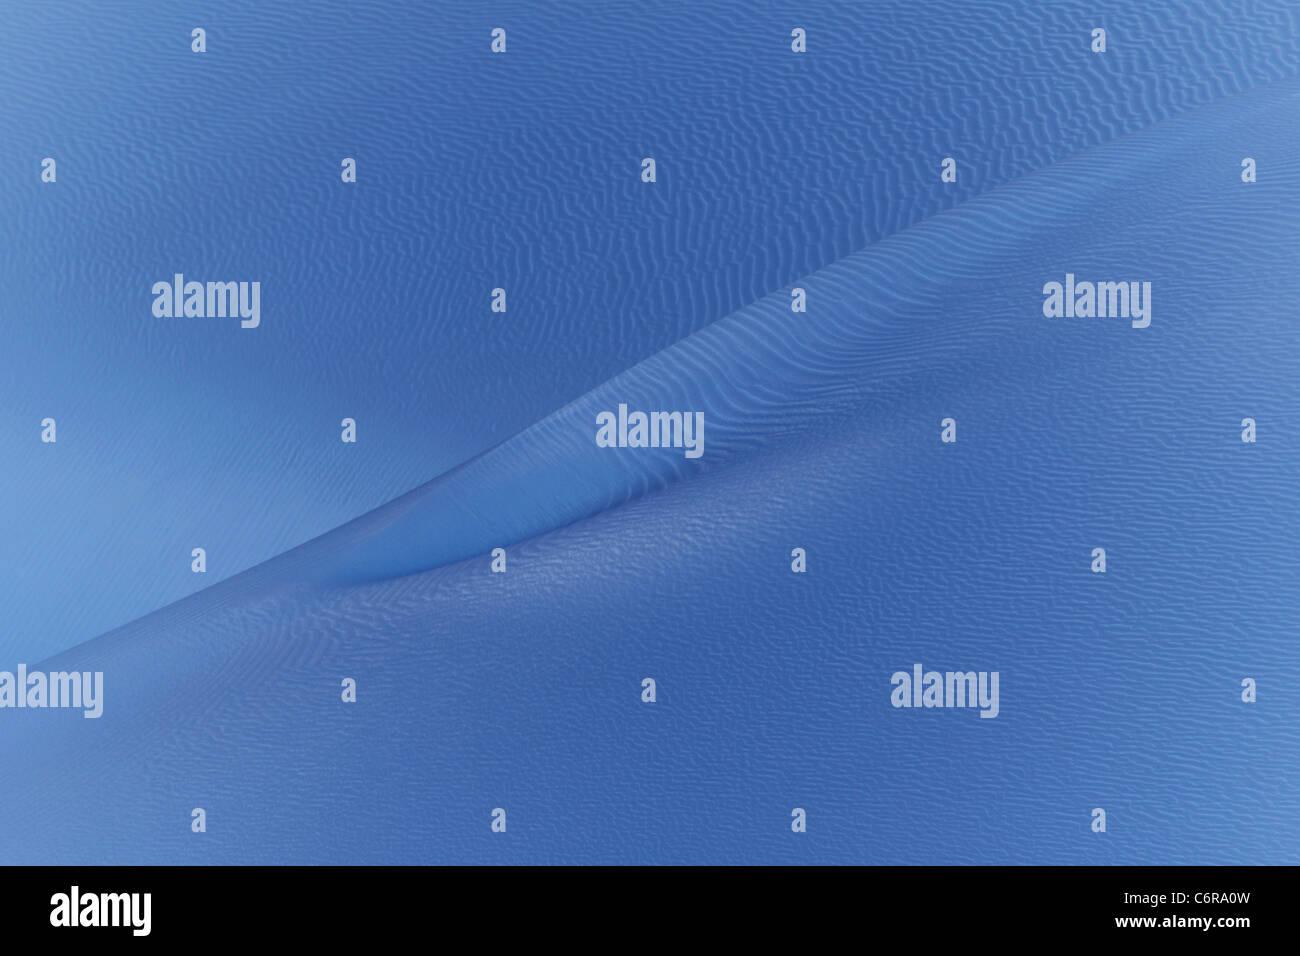 Wind Sand geblasen wurde künstlerische Arktis blau was den Anschein von Sand oder Eis. Stockbild